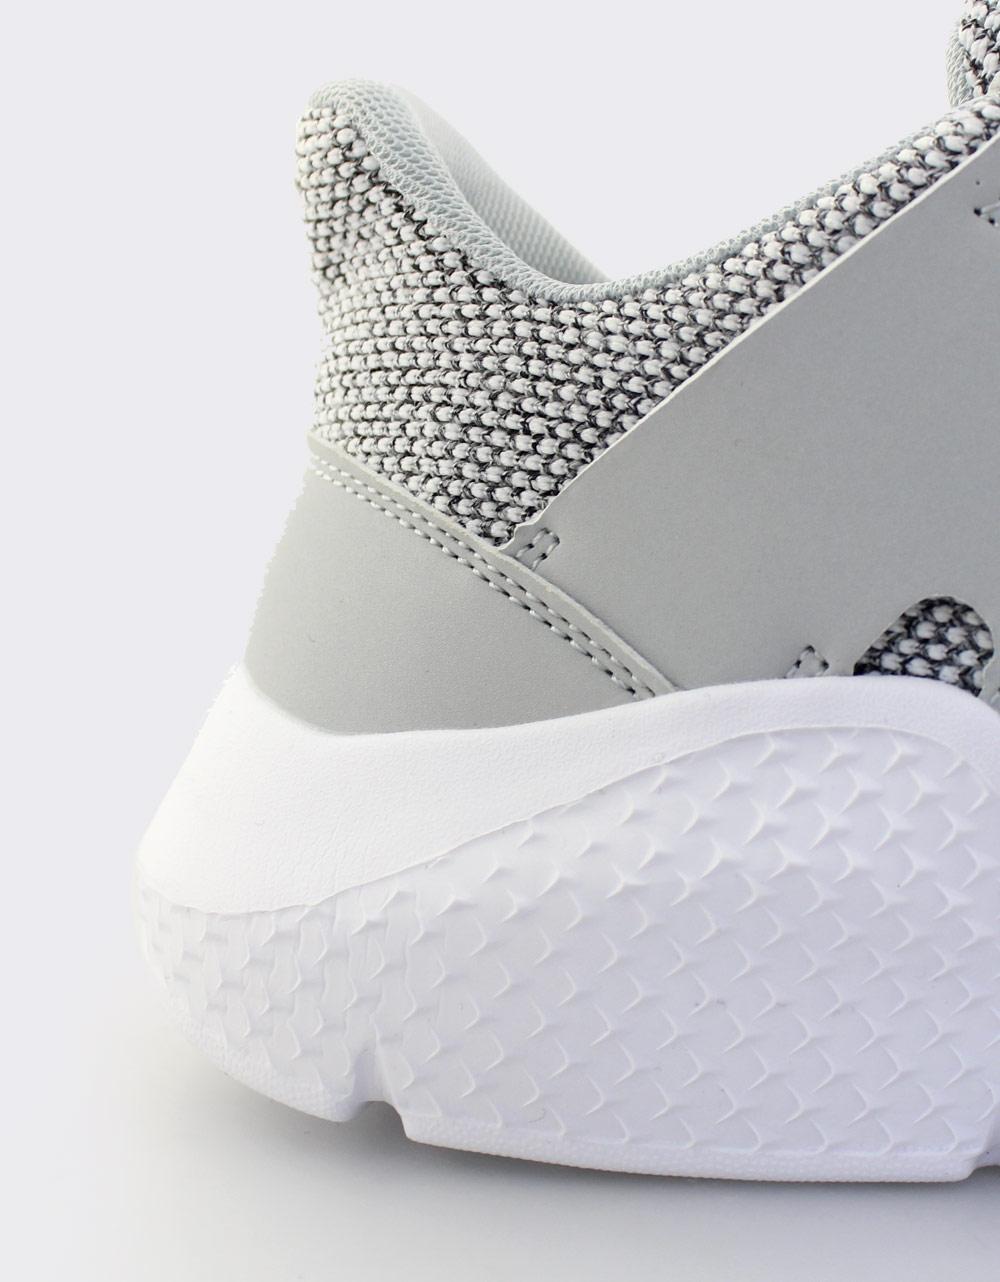 Εικόνα από Ανδρικά sneakers με δίχρωμη λεπτομέρεια Γκρι